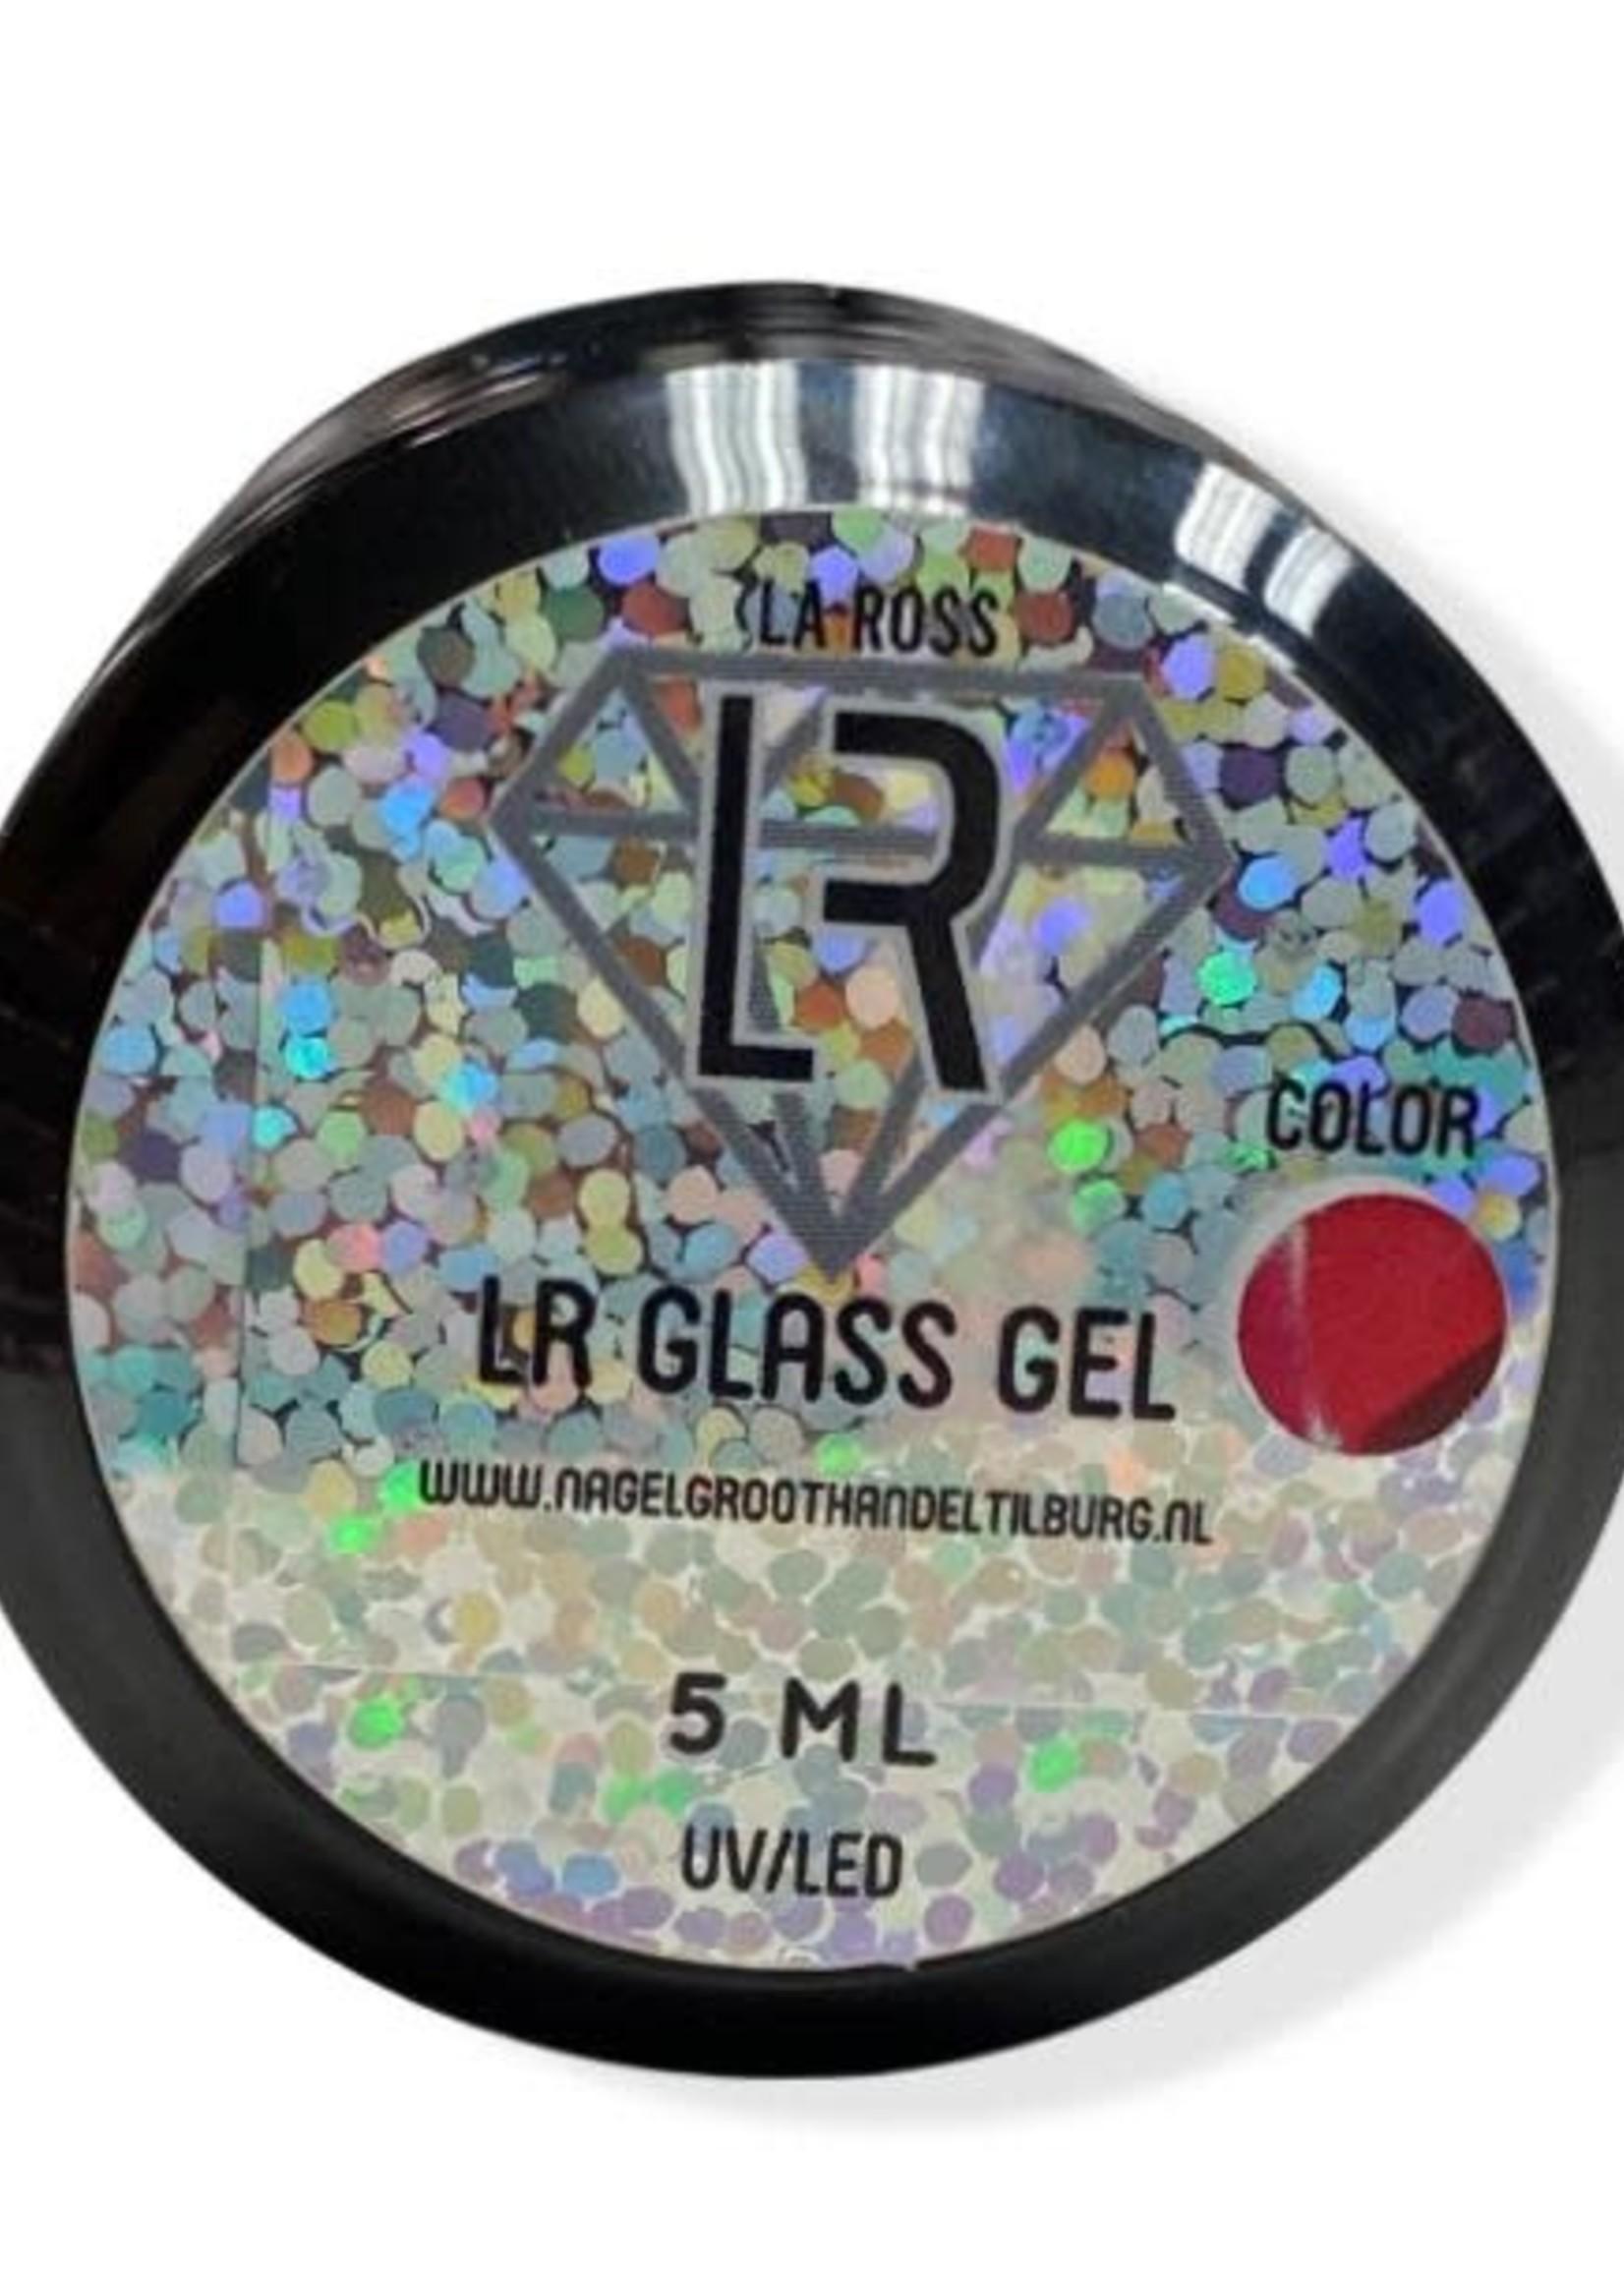 La Ross LR Glass Gel